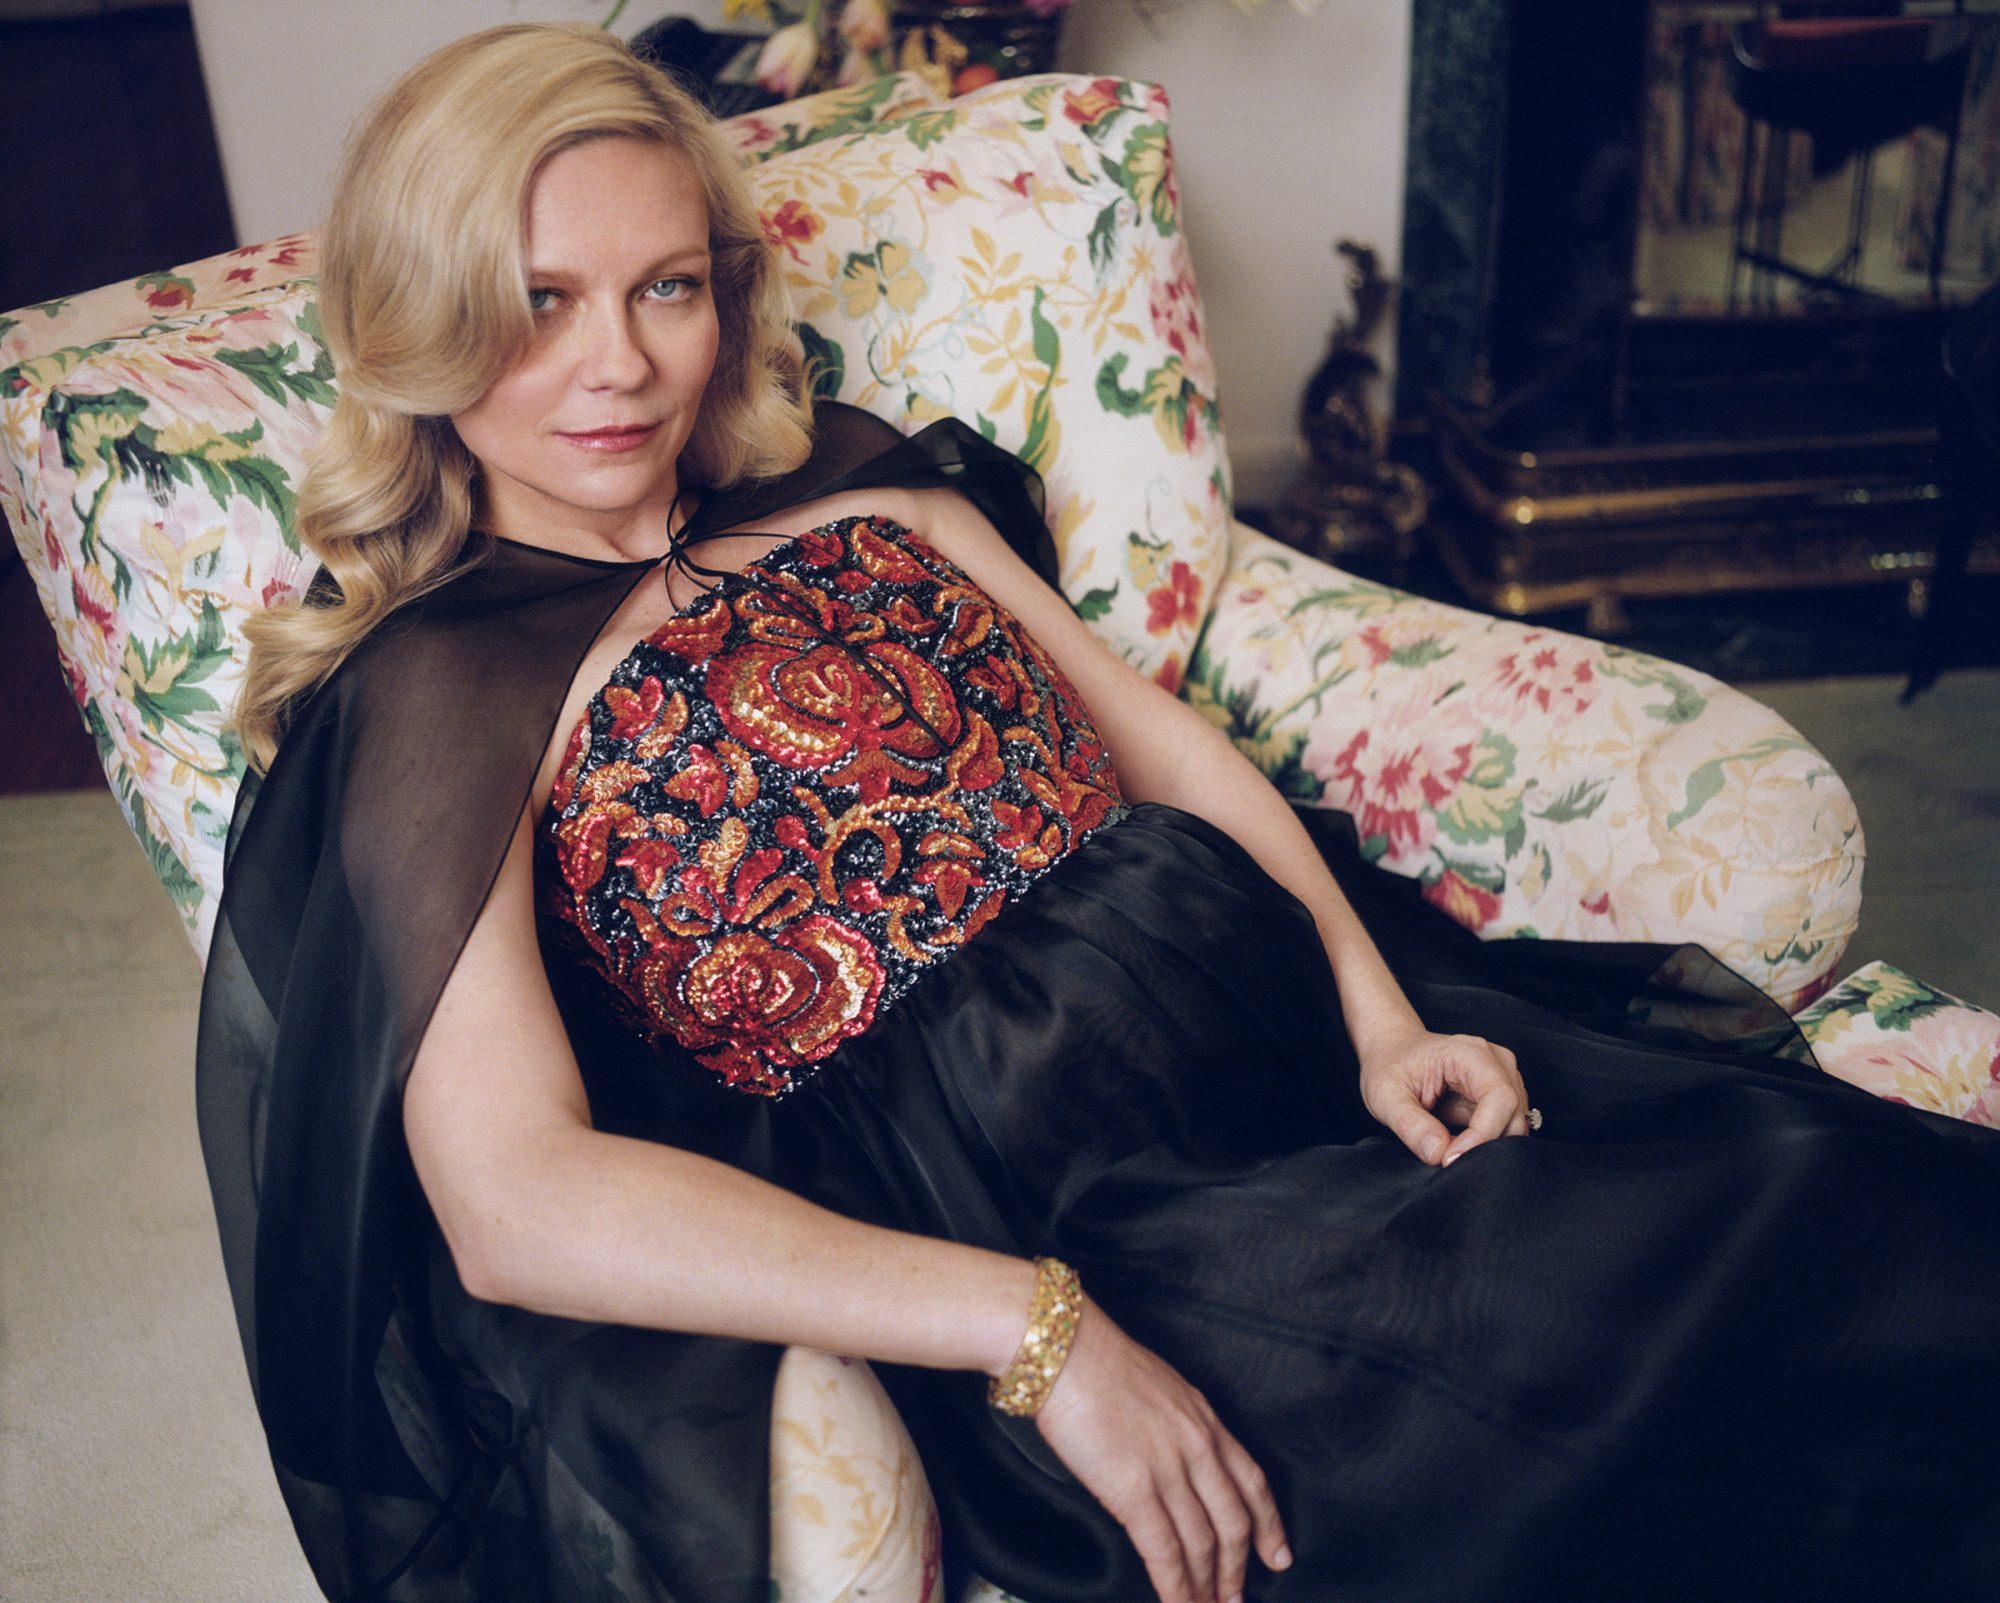 W Mag Shoot of Kirsten Dunst